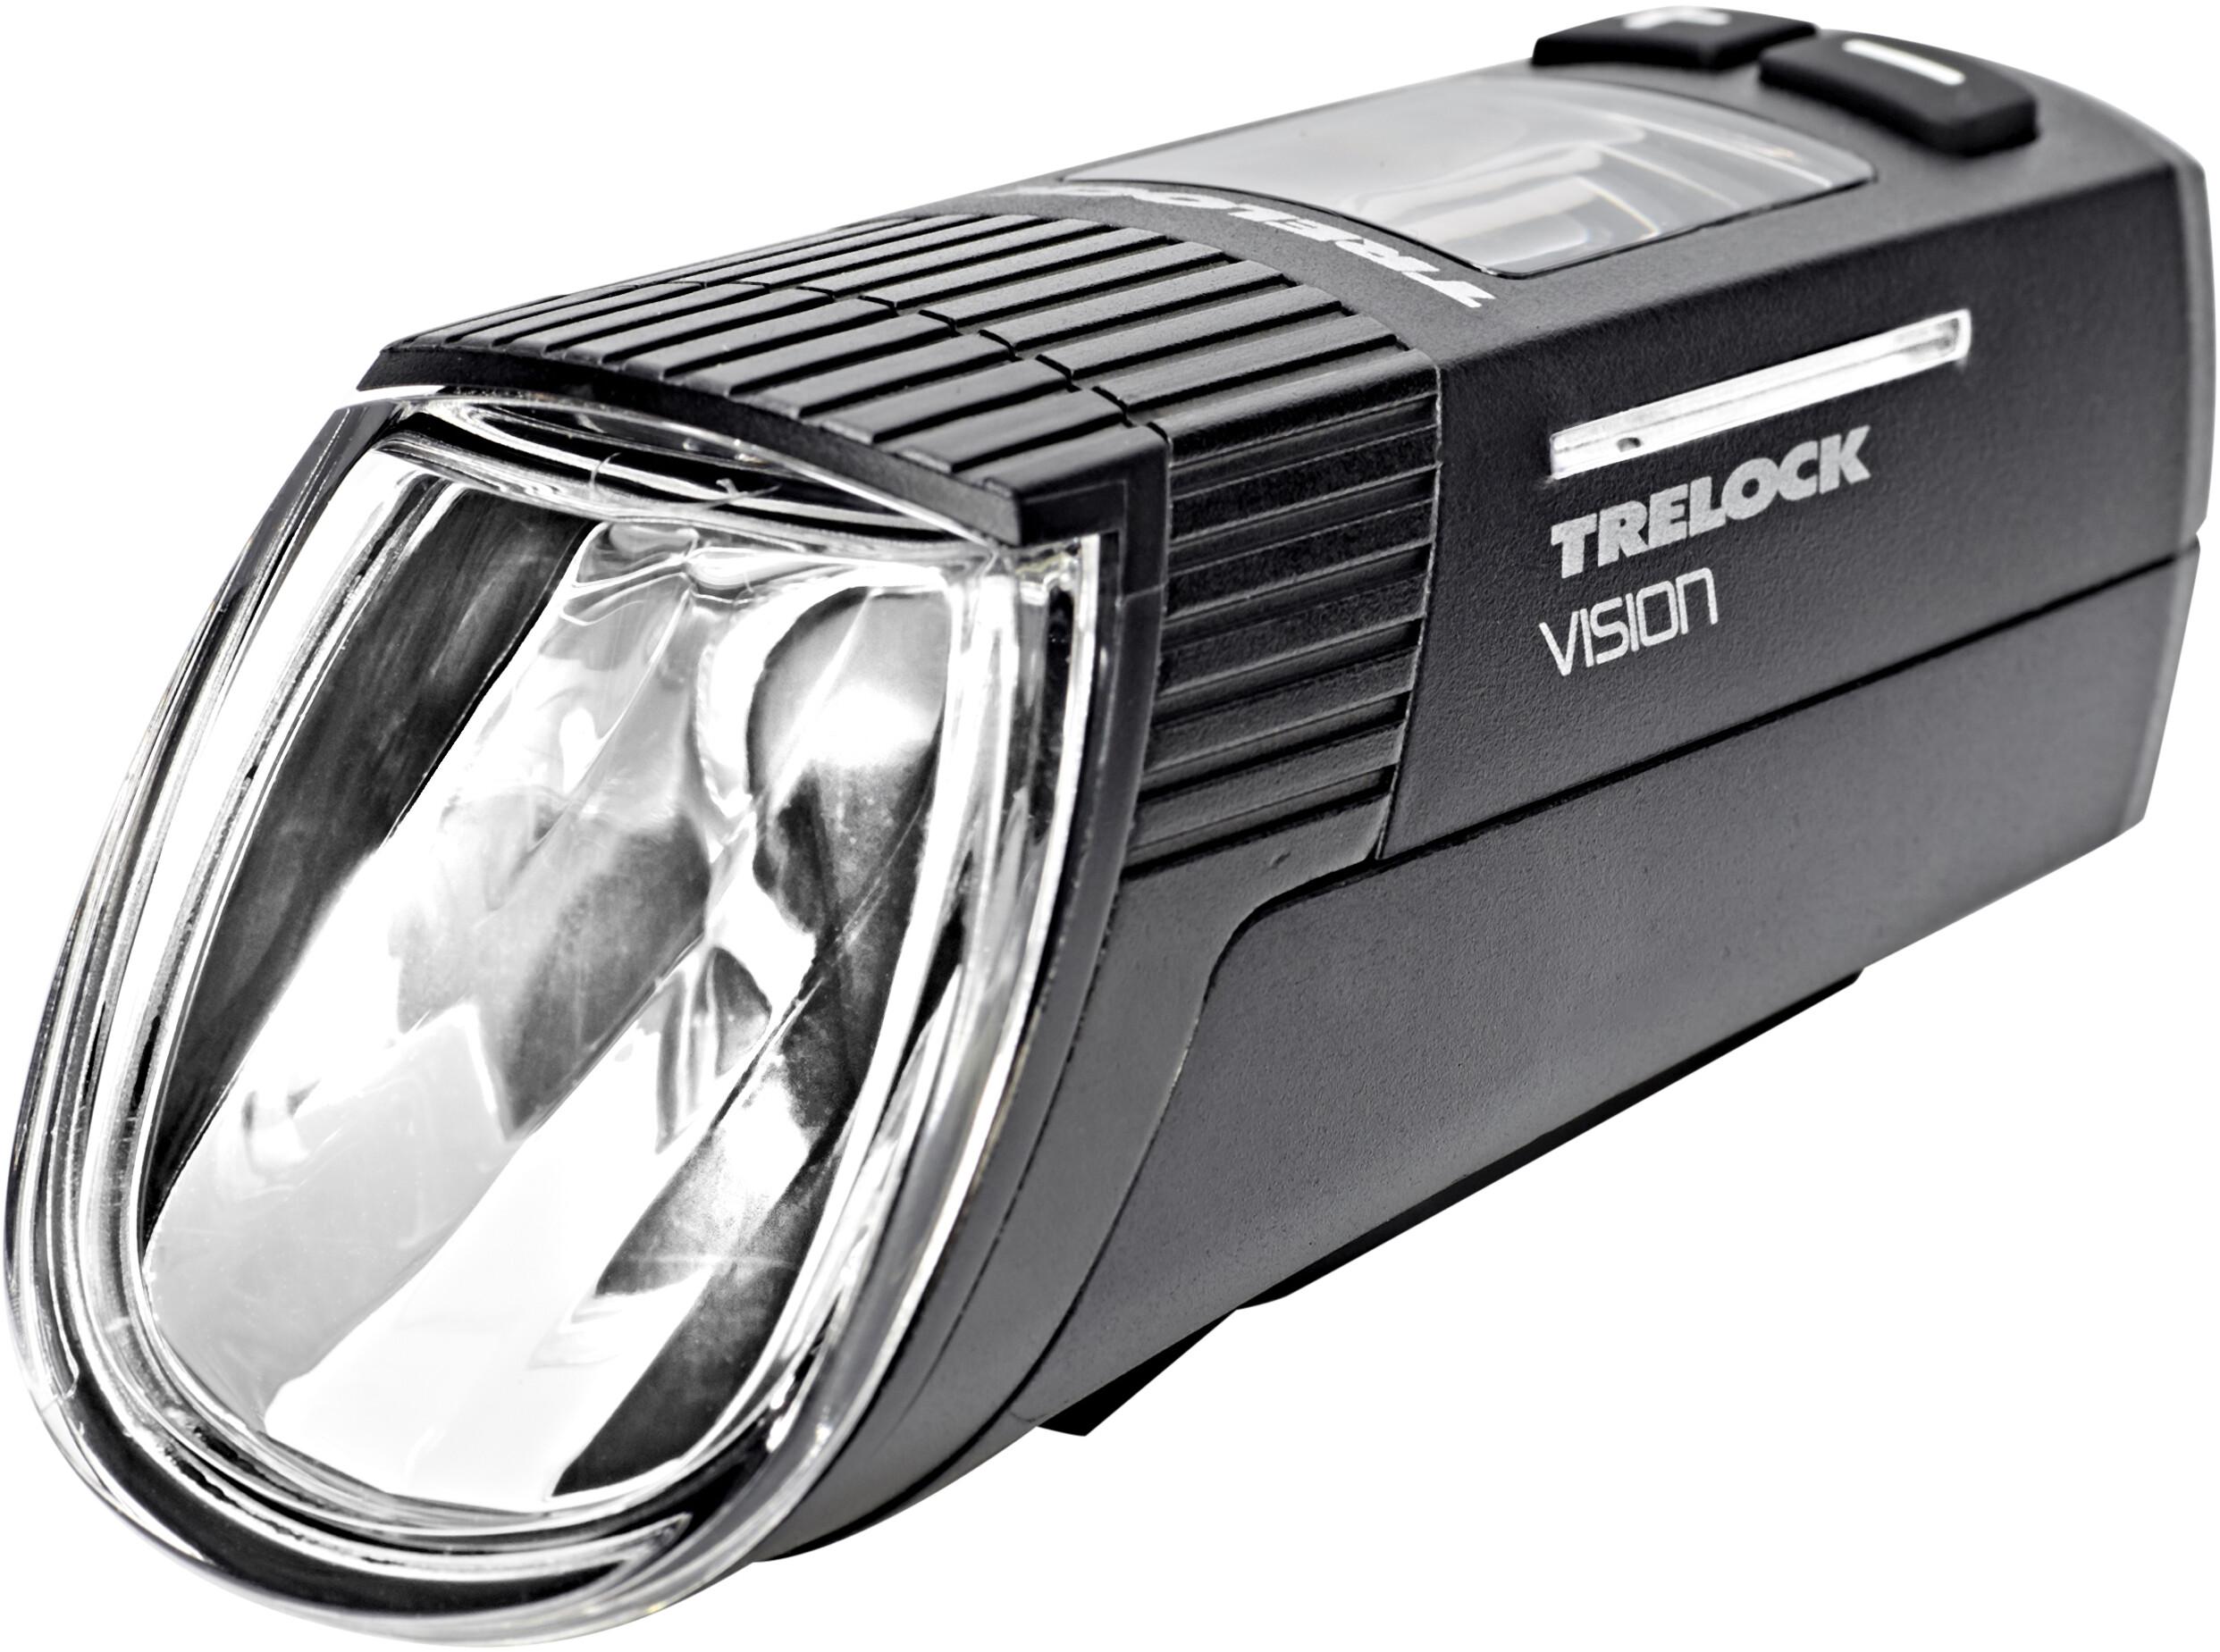 Klettergurt Gelbox : Trelock ls 760 i go vision frontleuchte black campz.ch